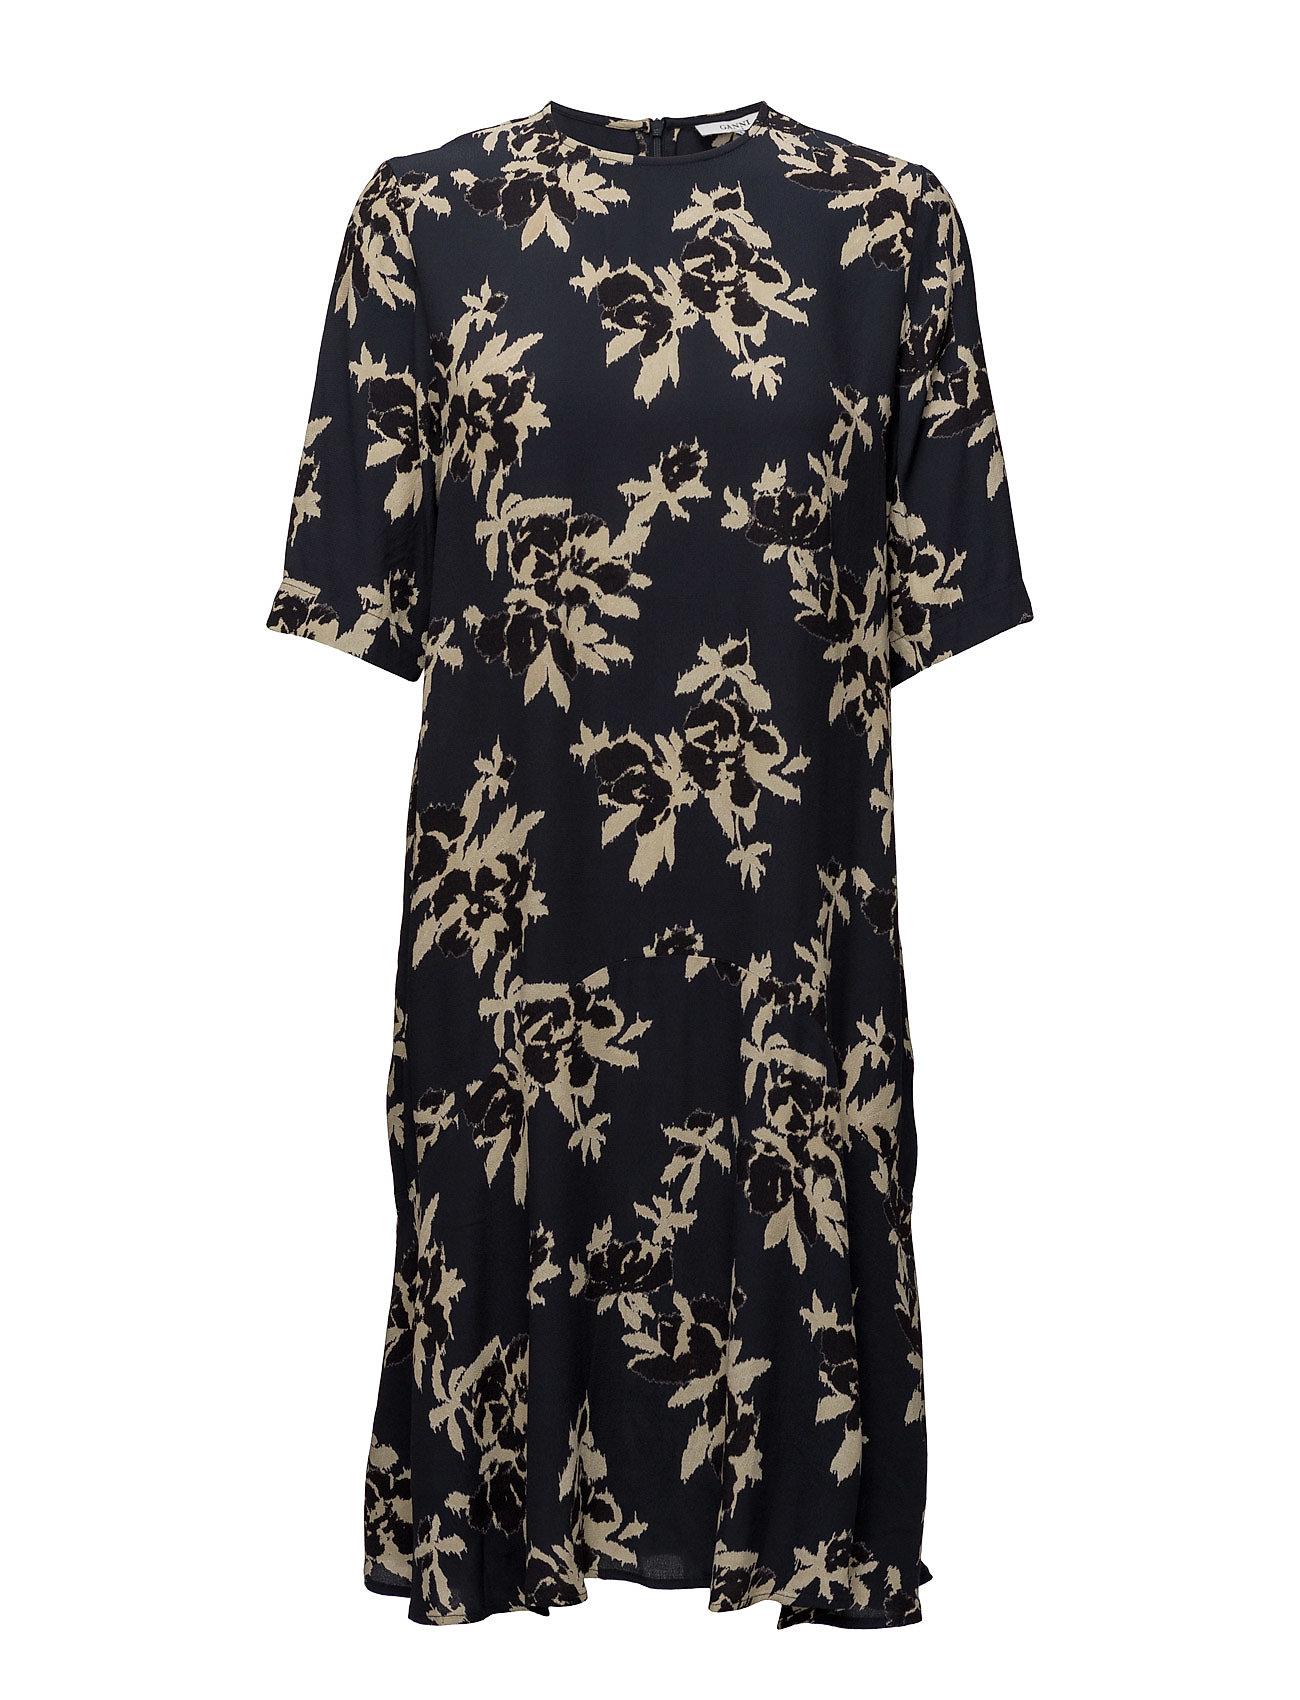 Ganni St. Pierre Crepe Dress